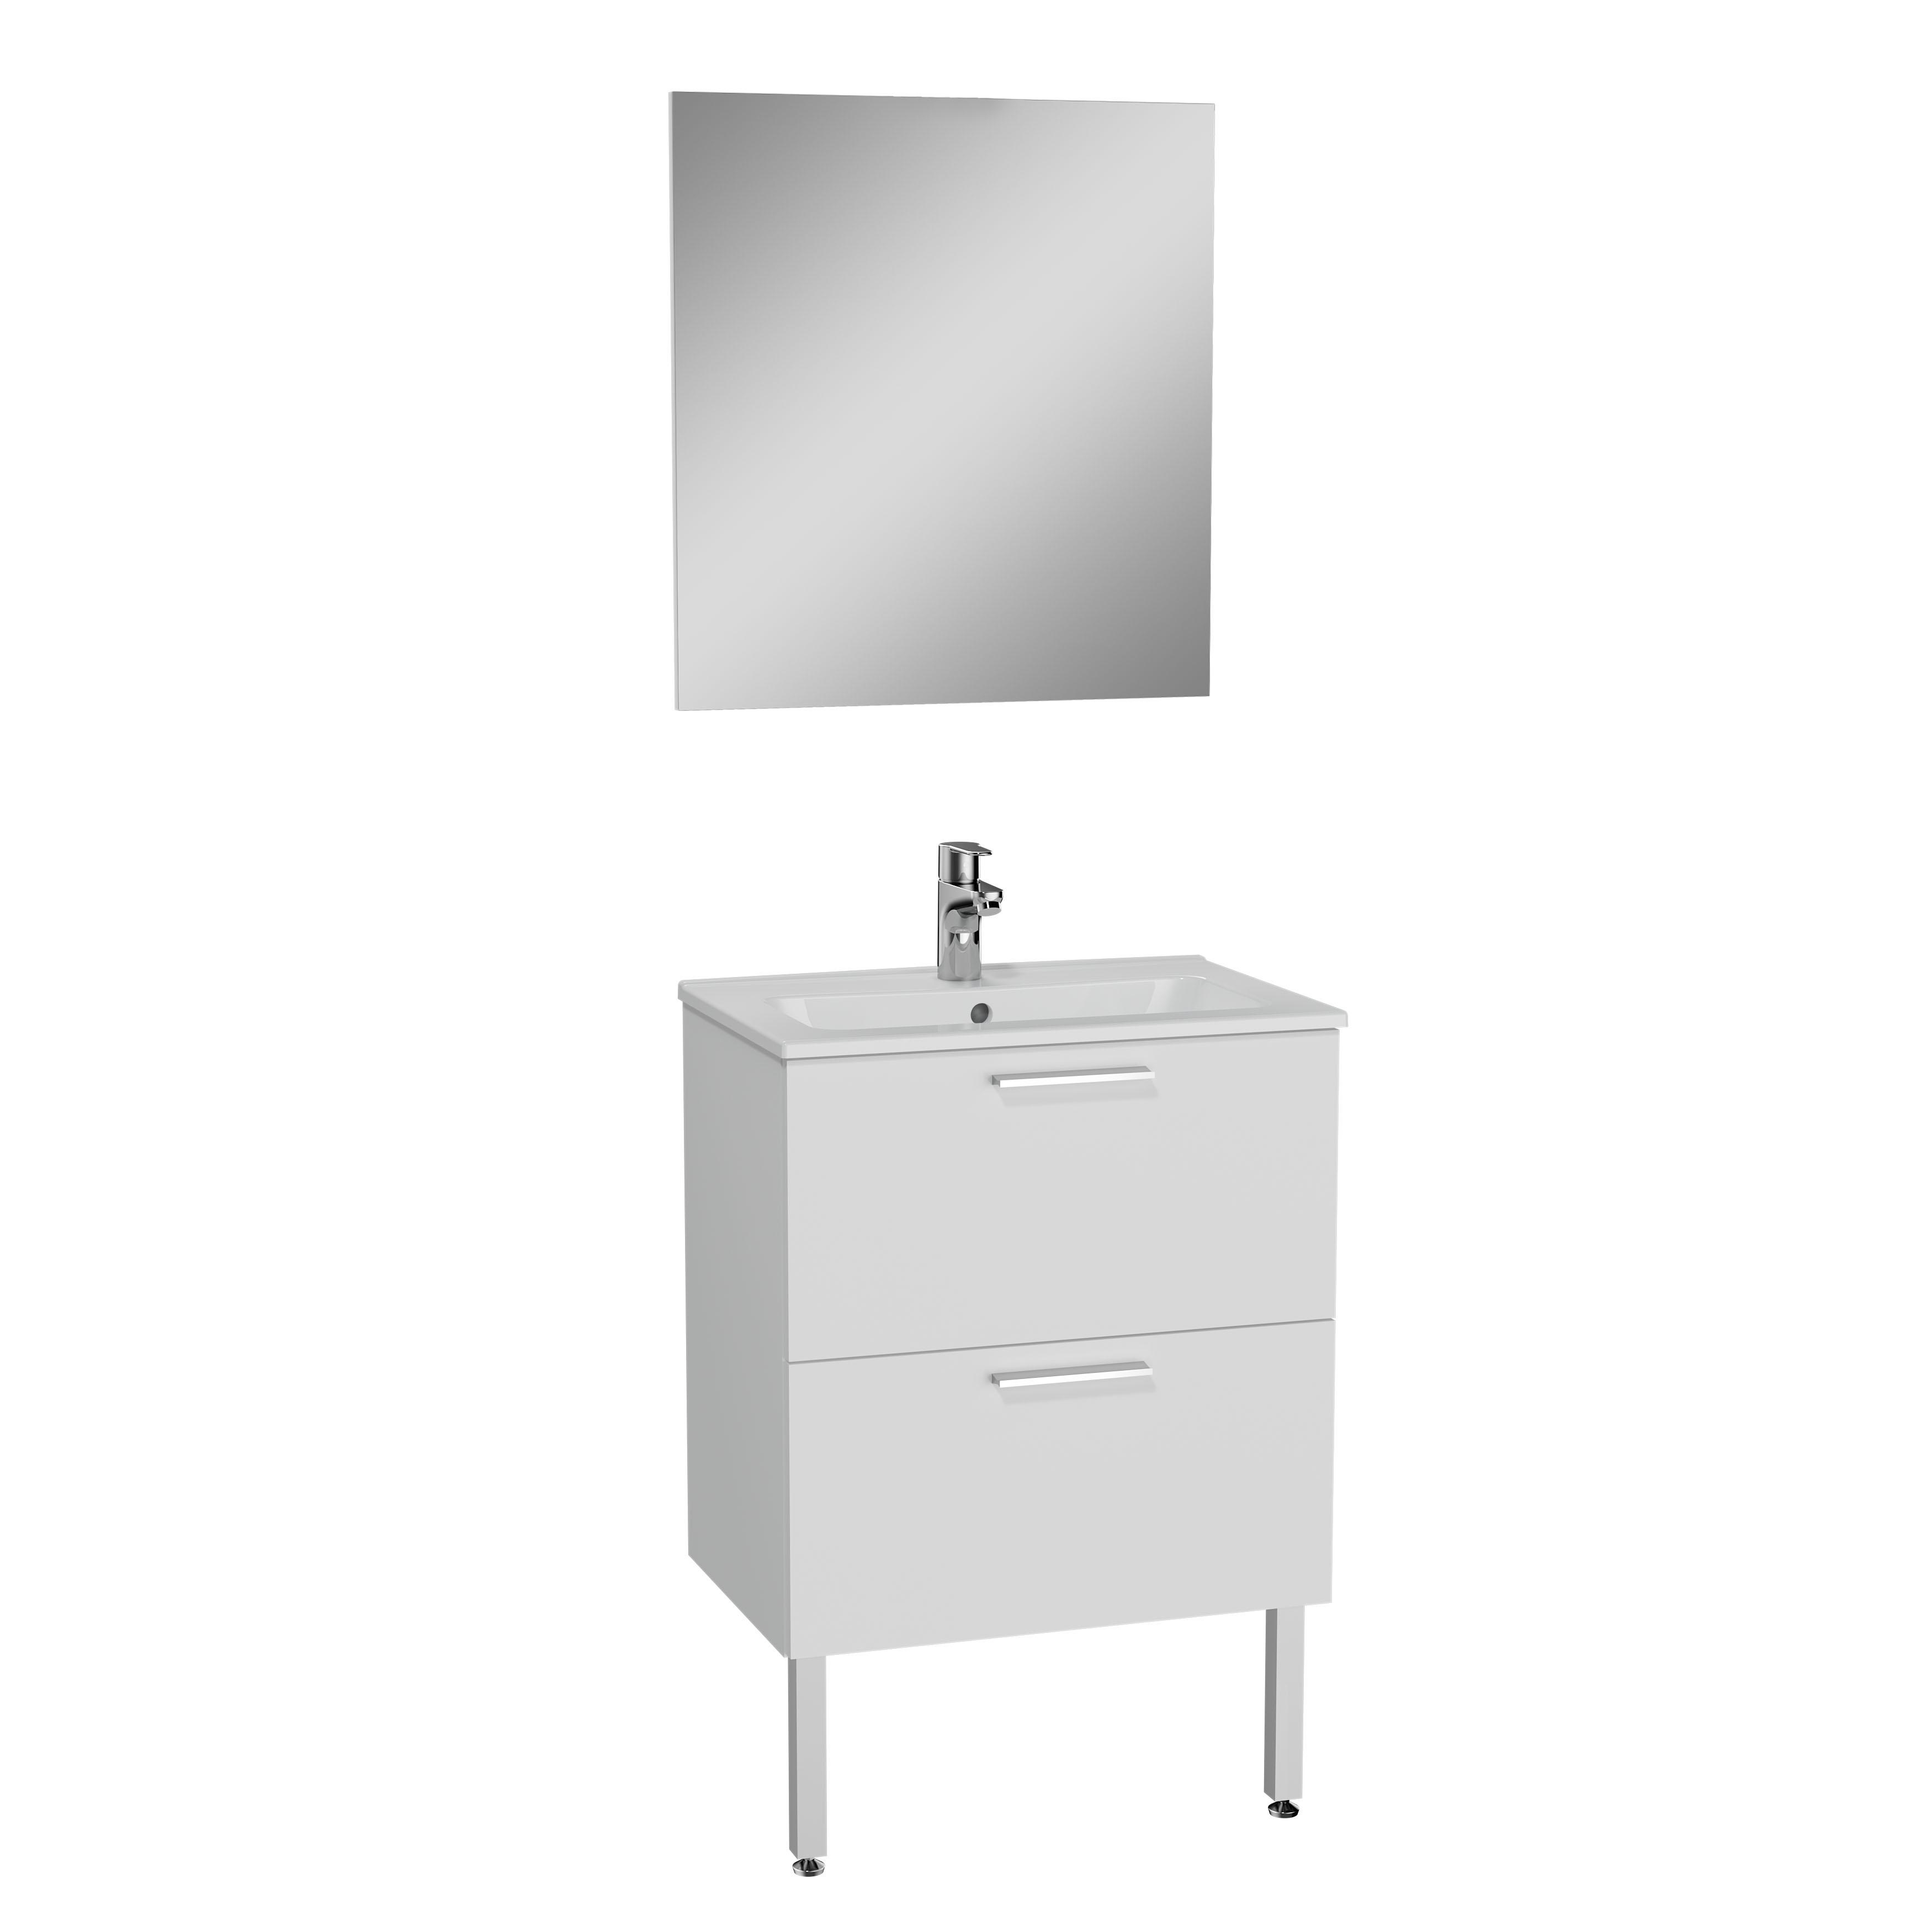 Mia set de meuble avec 2 tiroirs, avec mitigeur lavabo, 60 cm, blanc